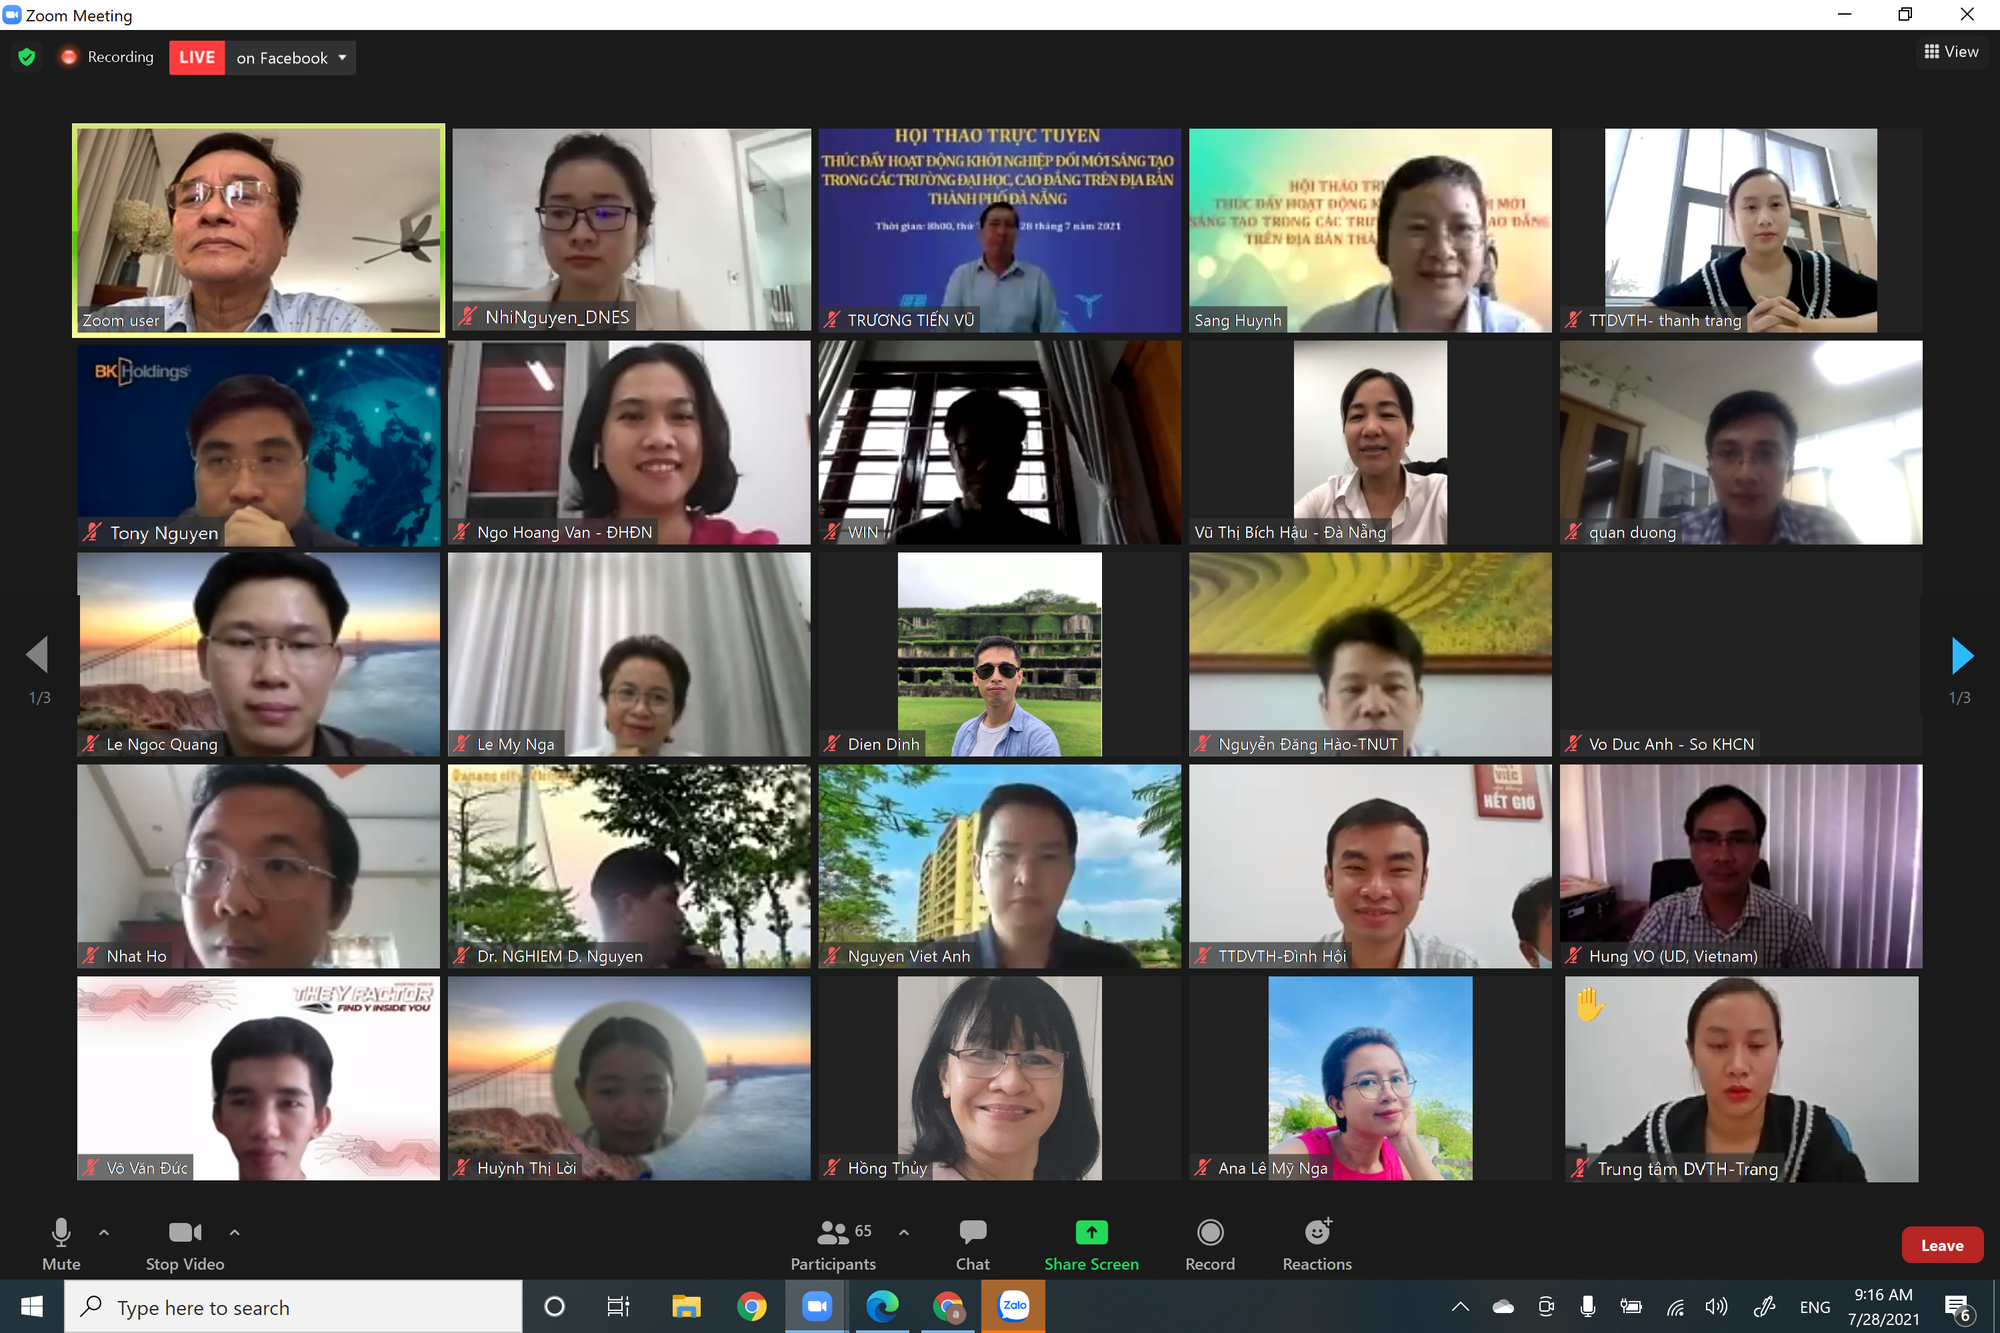 Đà Nẵng: Nhiều chính sách khuyến khích sinh viên các trường khởi nghiệp - Ảnh 1.